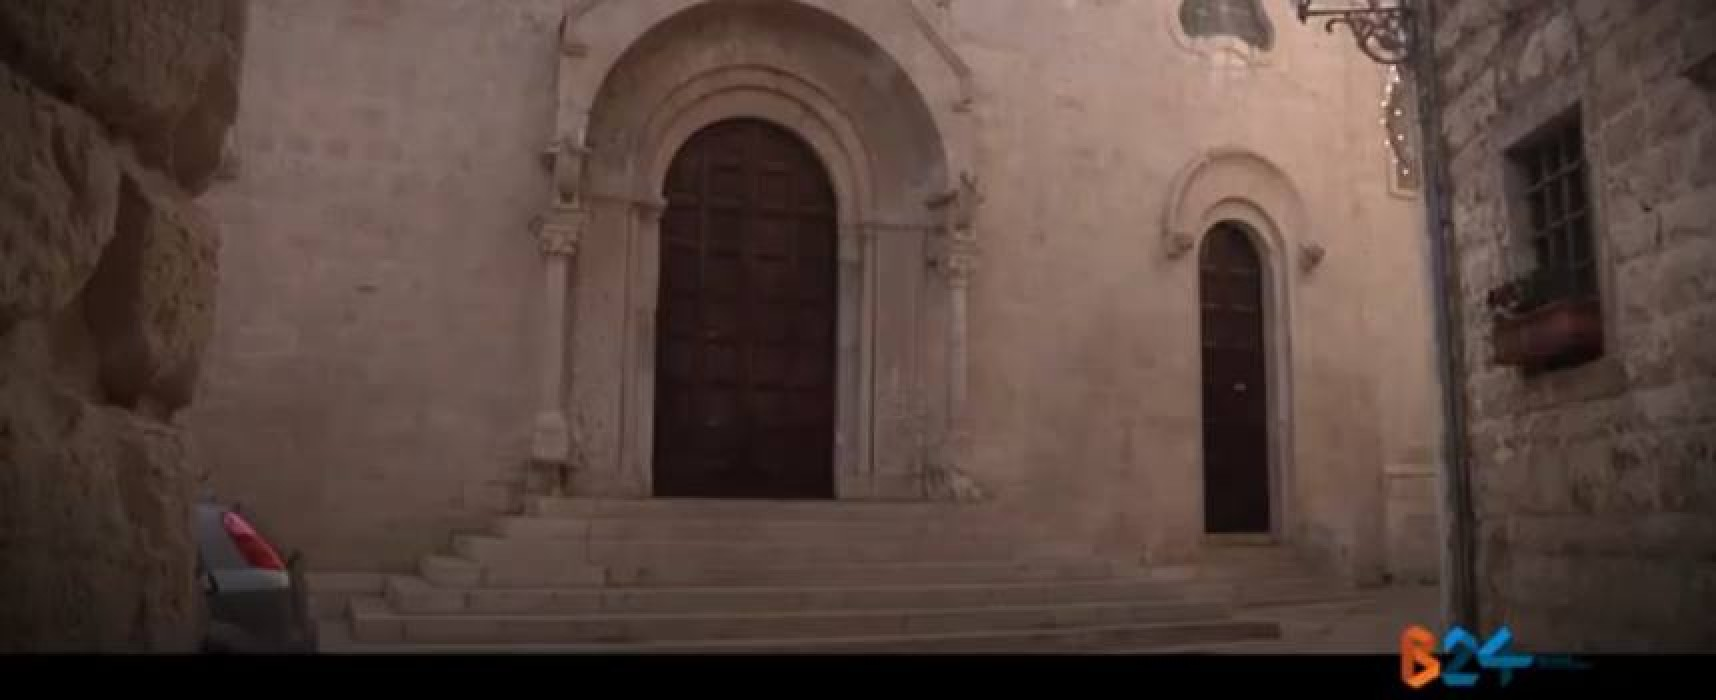 """""""Le note della settimana santa"""", concerto di marce funebri stasera in Cattedrale"""